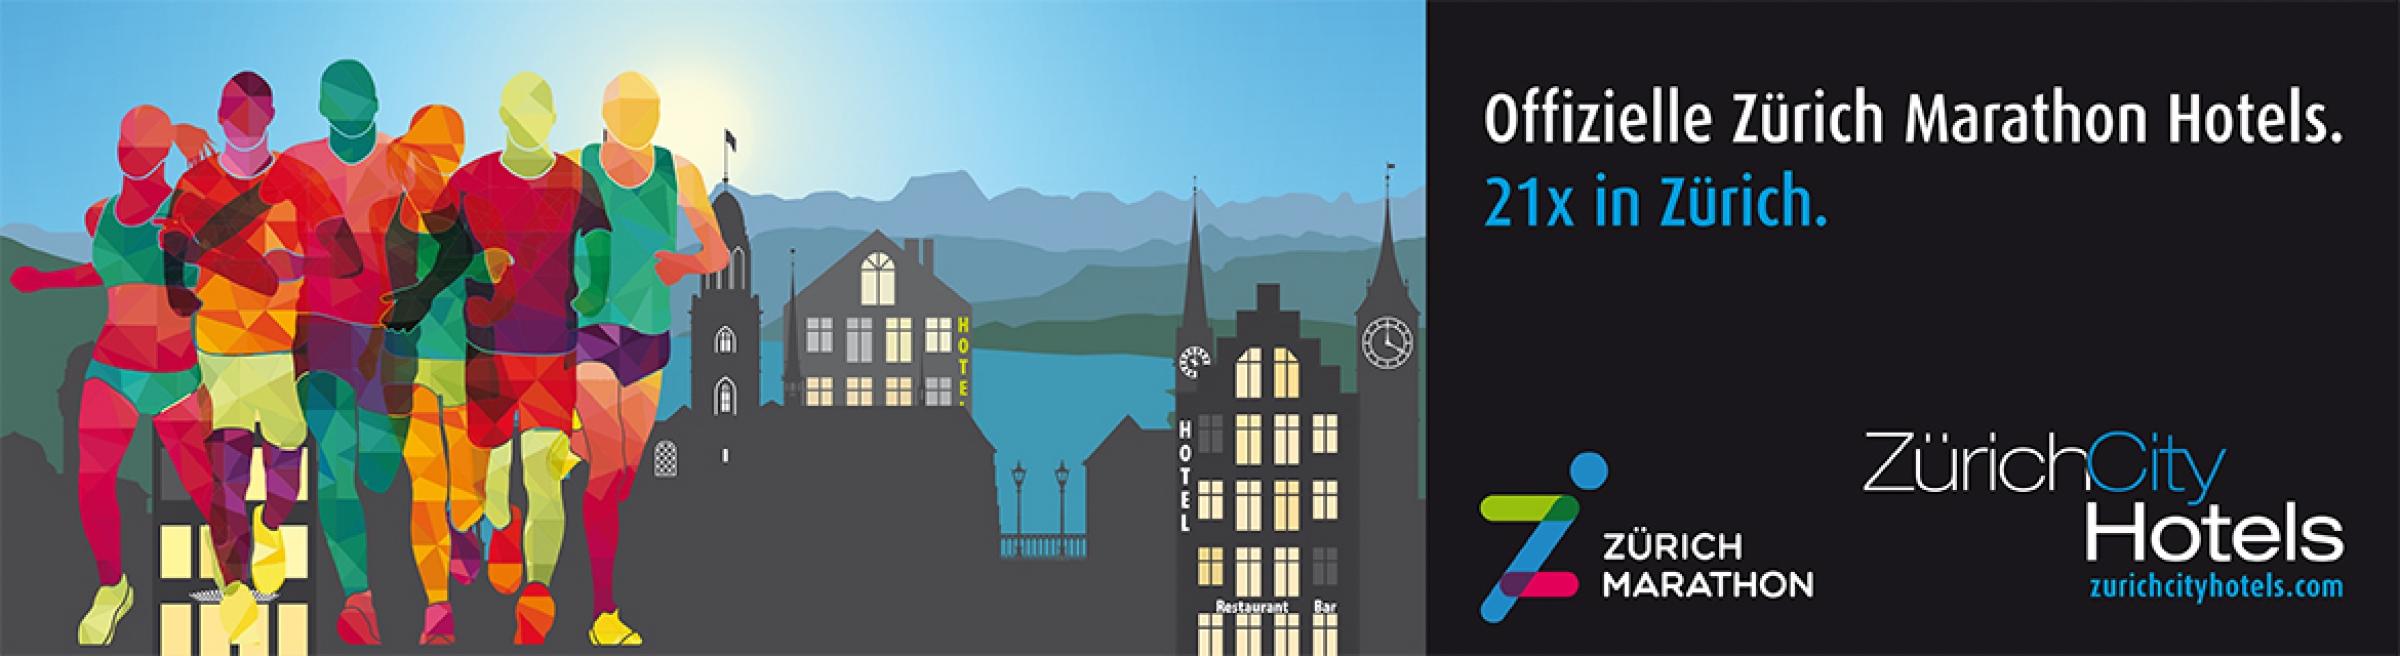 Zurich scène de rencontre